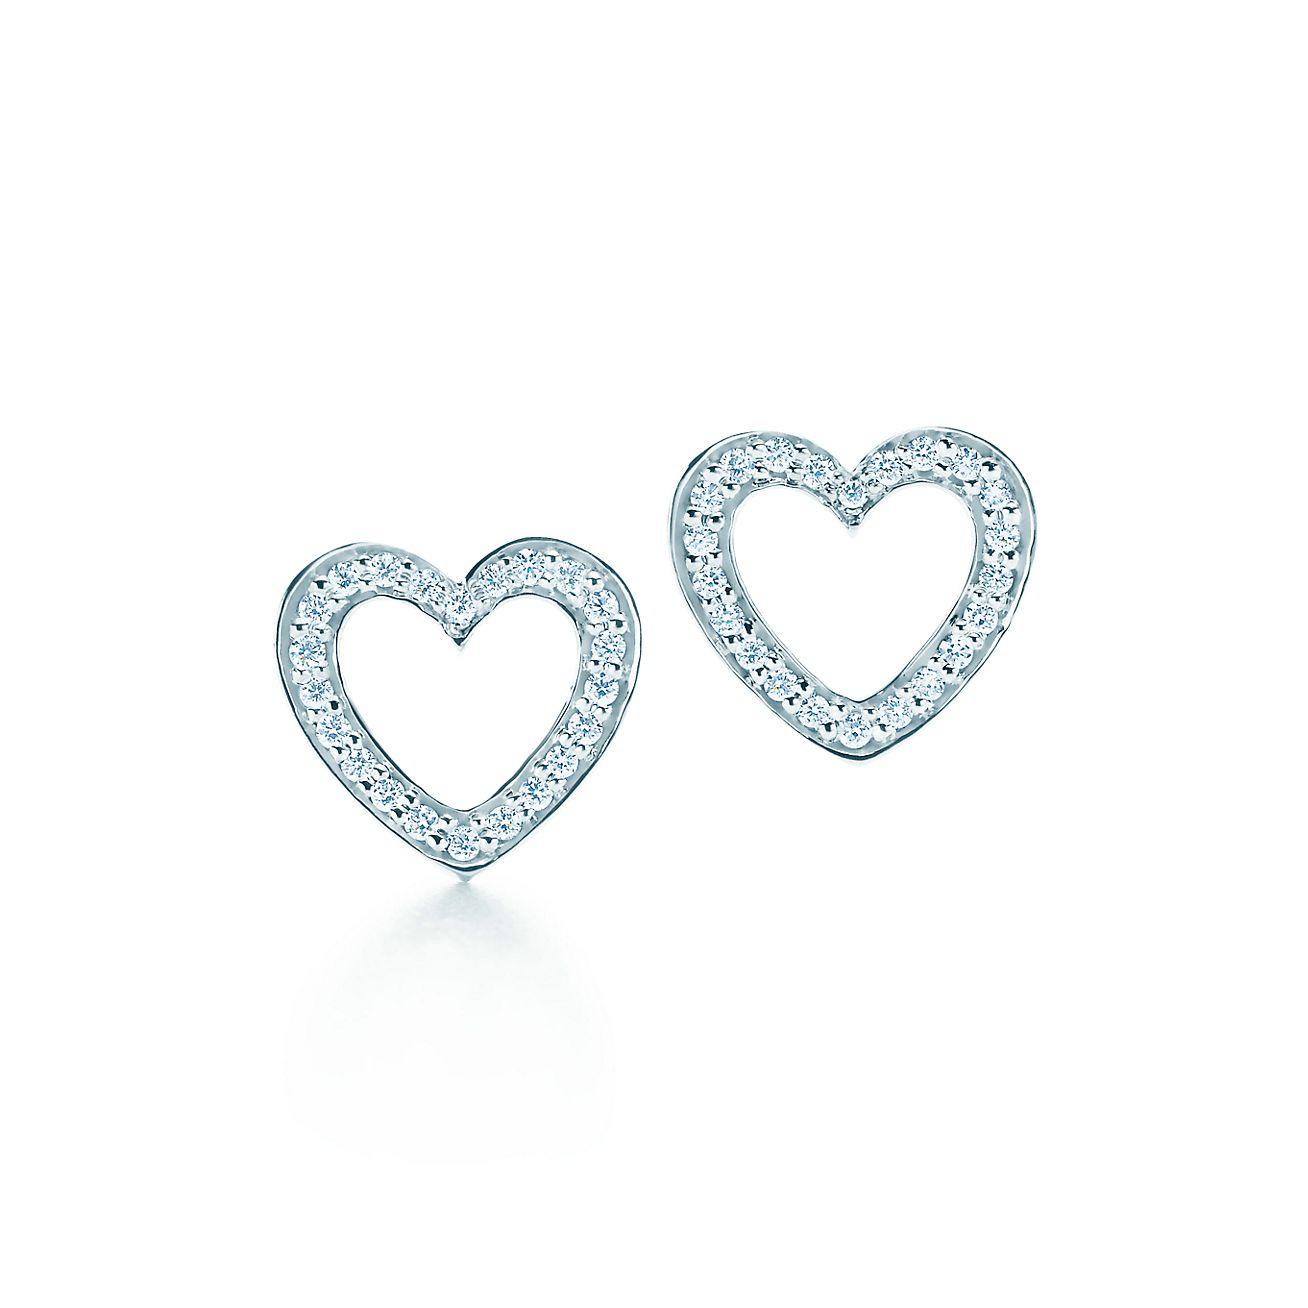 Diamond heart earrings - Heart Earrings